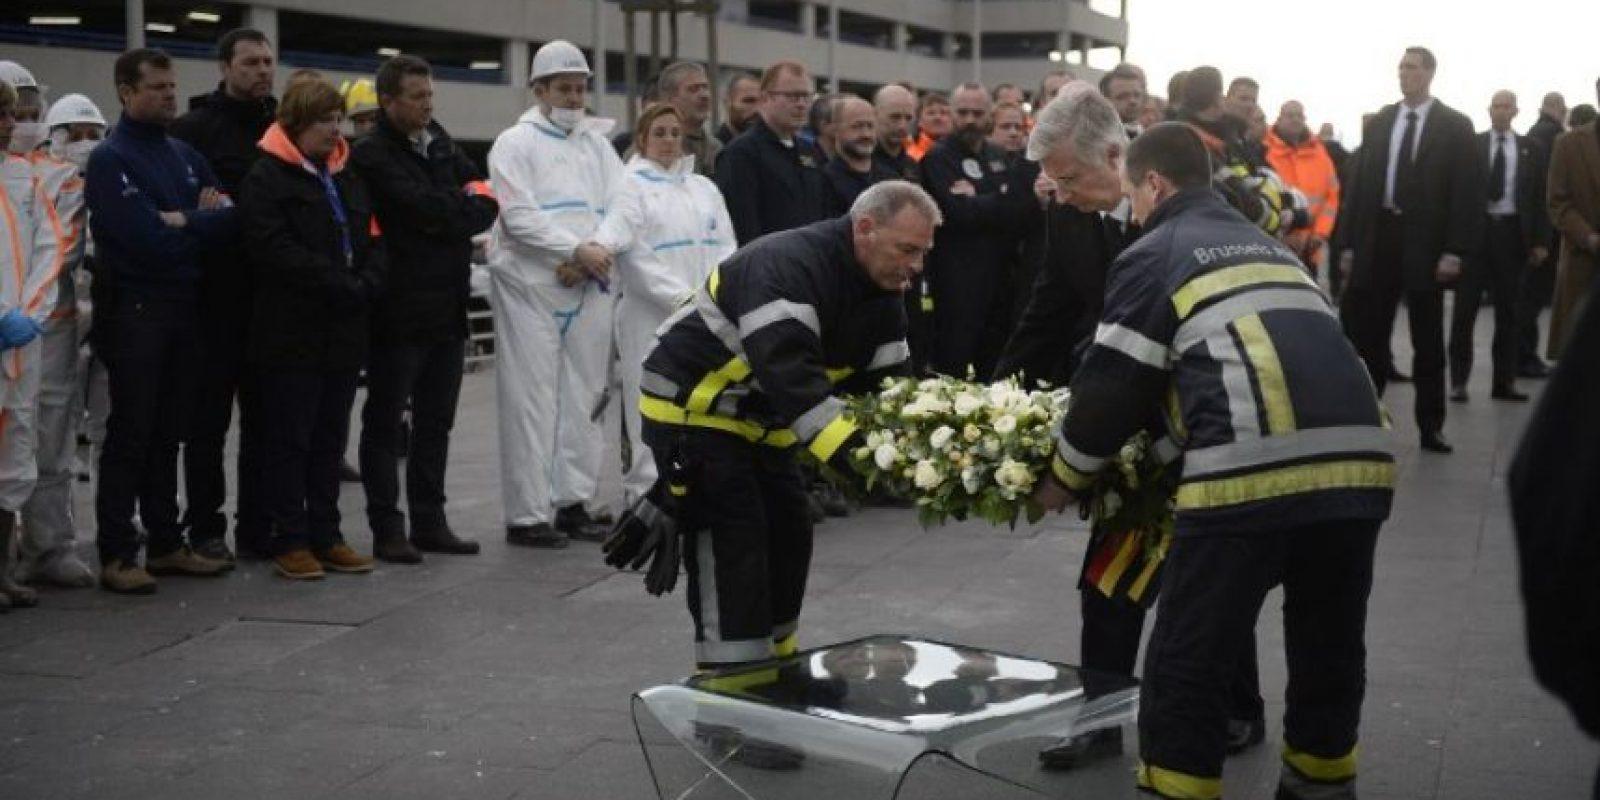 Se colocó un arreglo floral para conmemorar a las víctimas del atentado en el aeropuerto. Foto:AFP